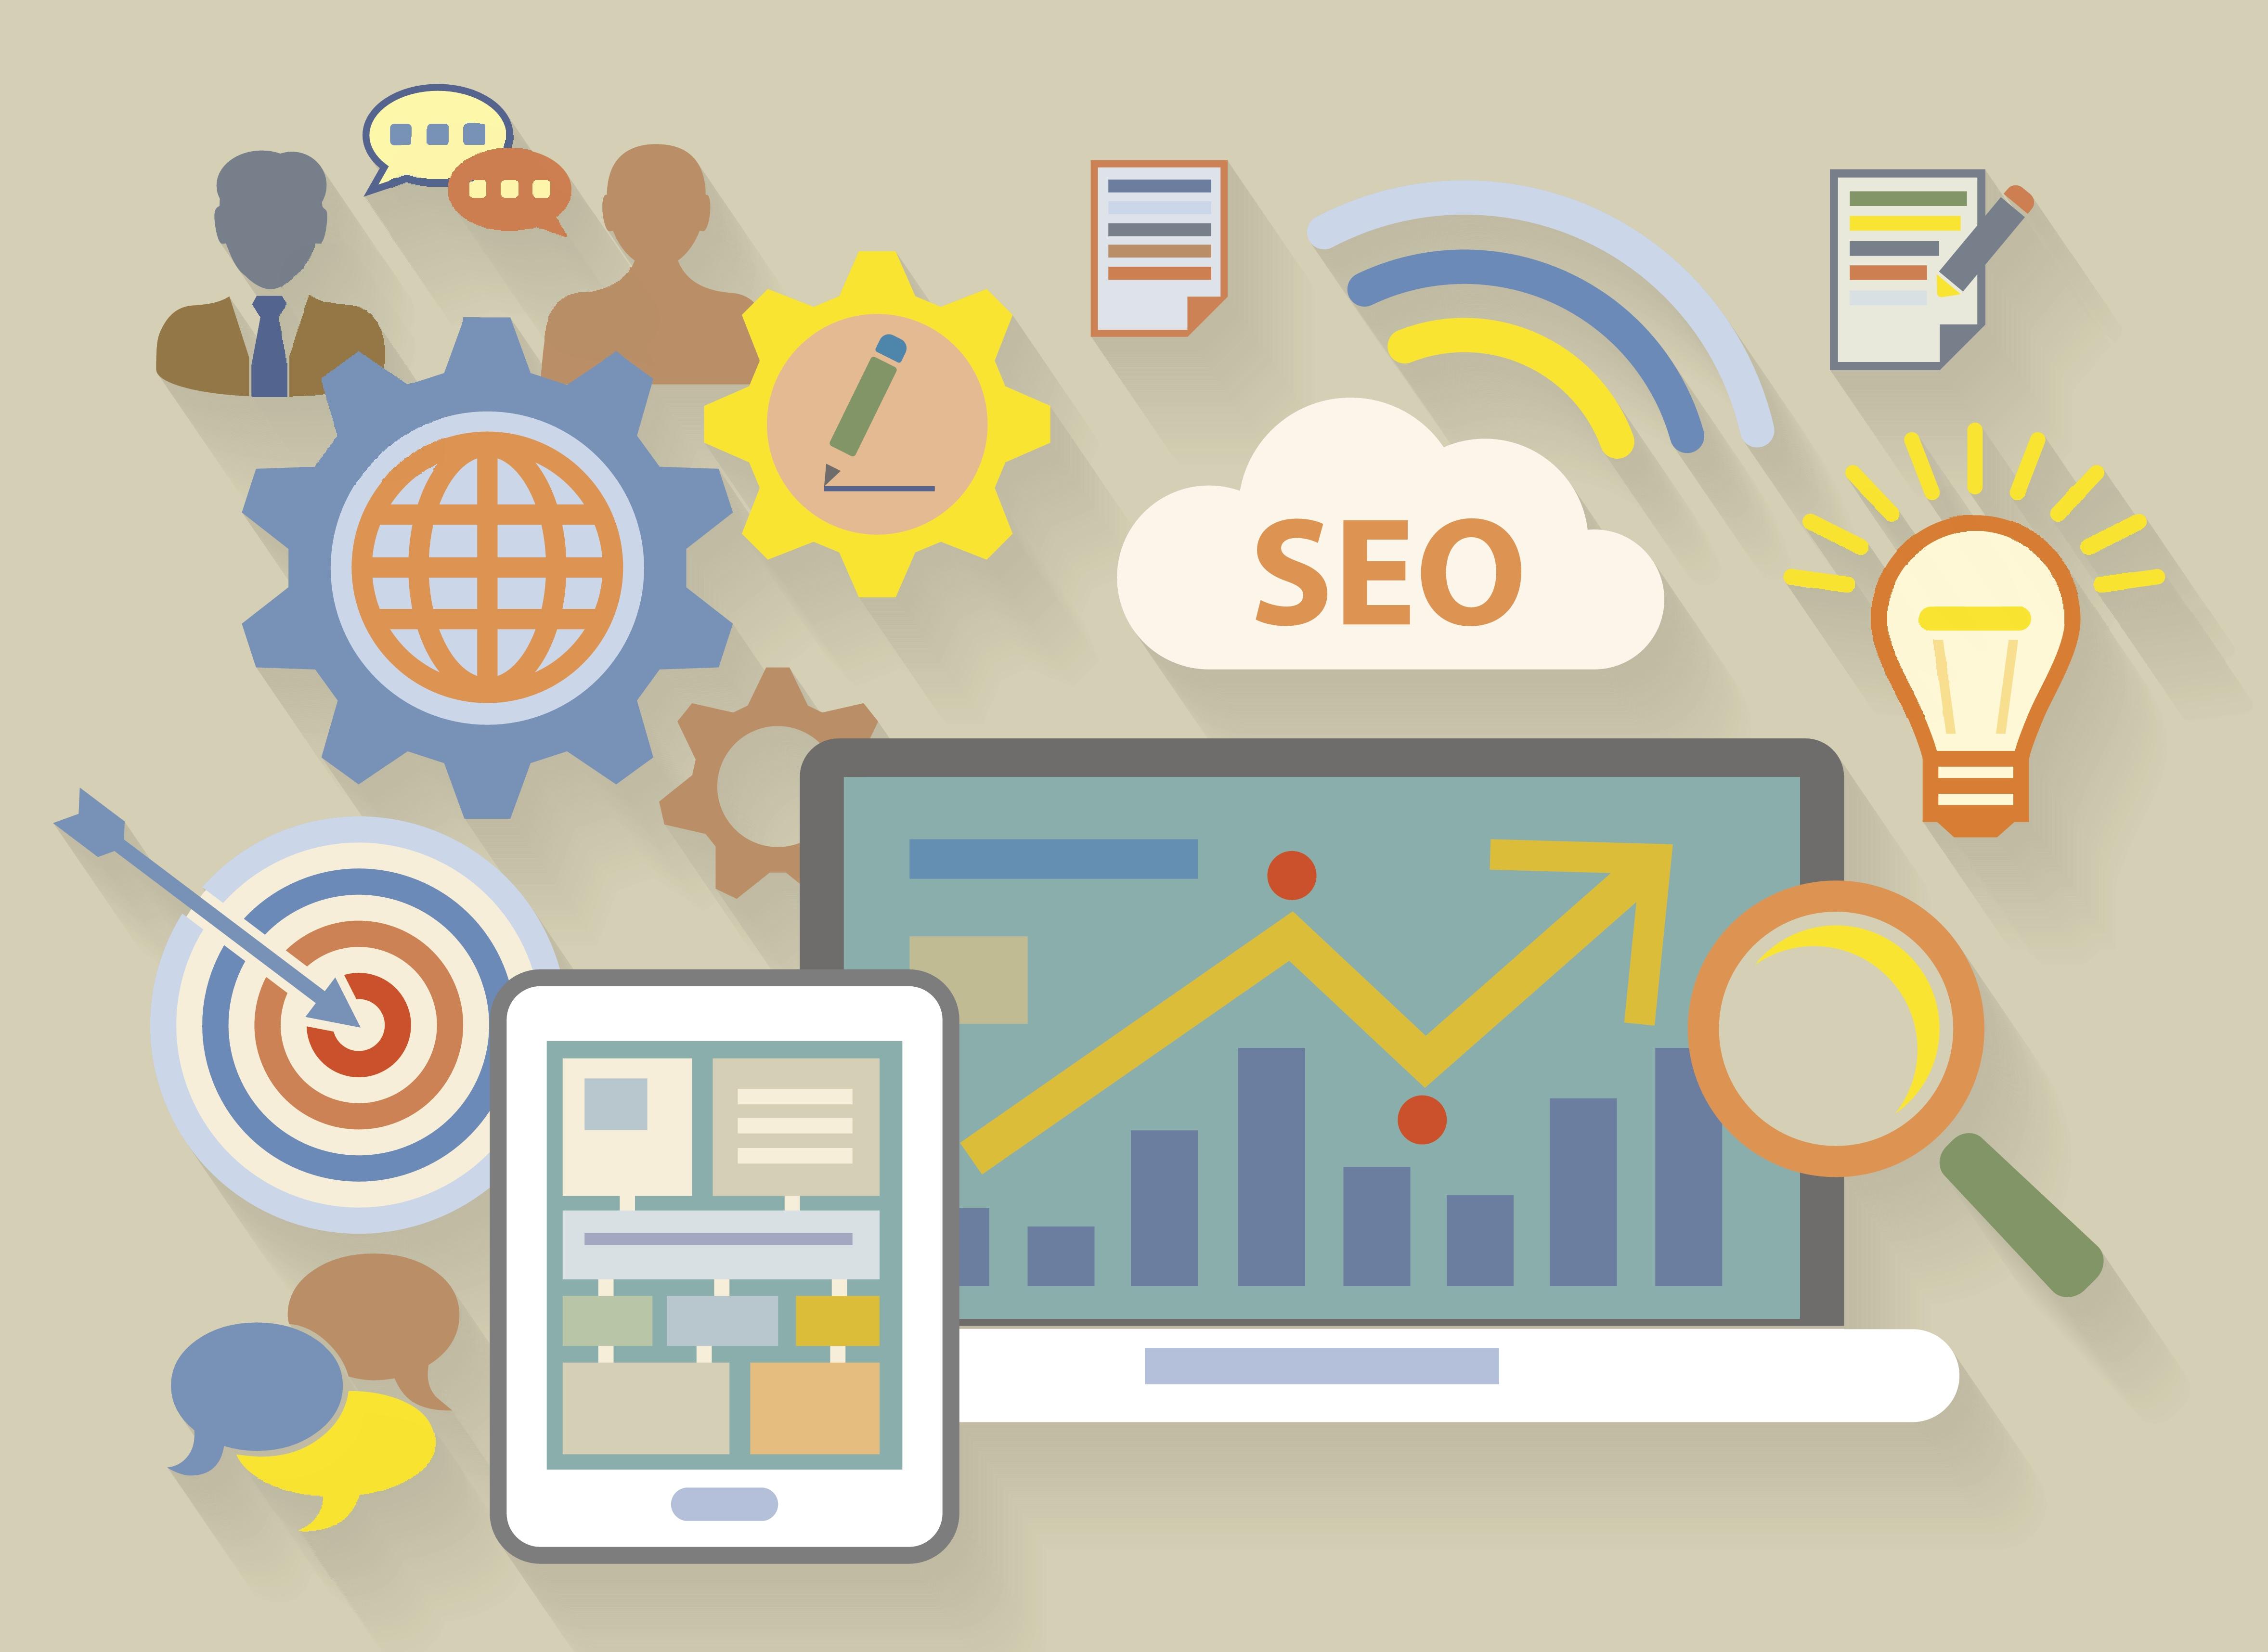 поисковая оптимизация интернет-магазина